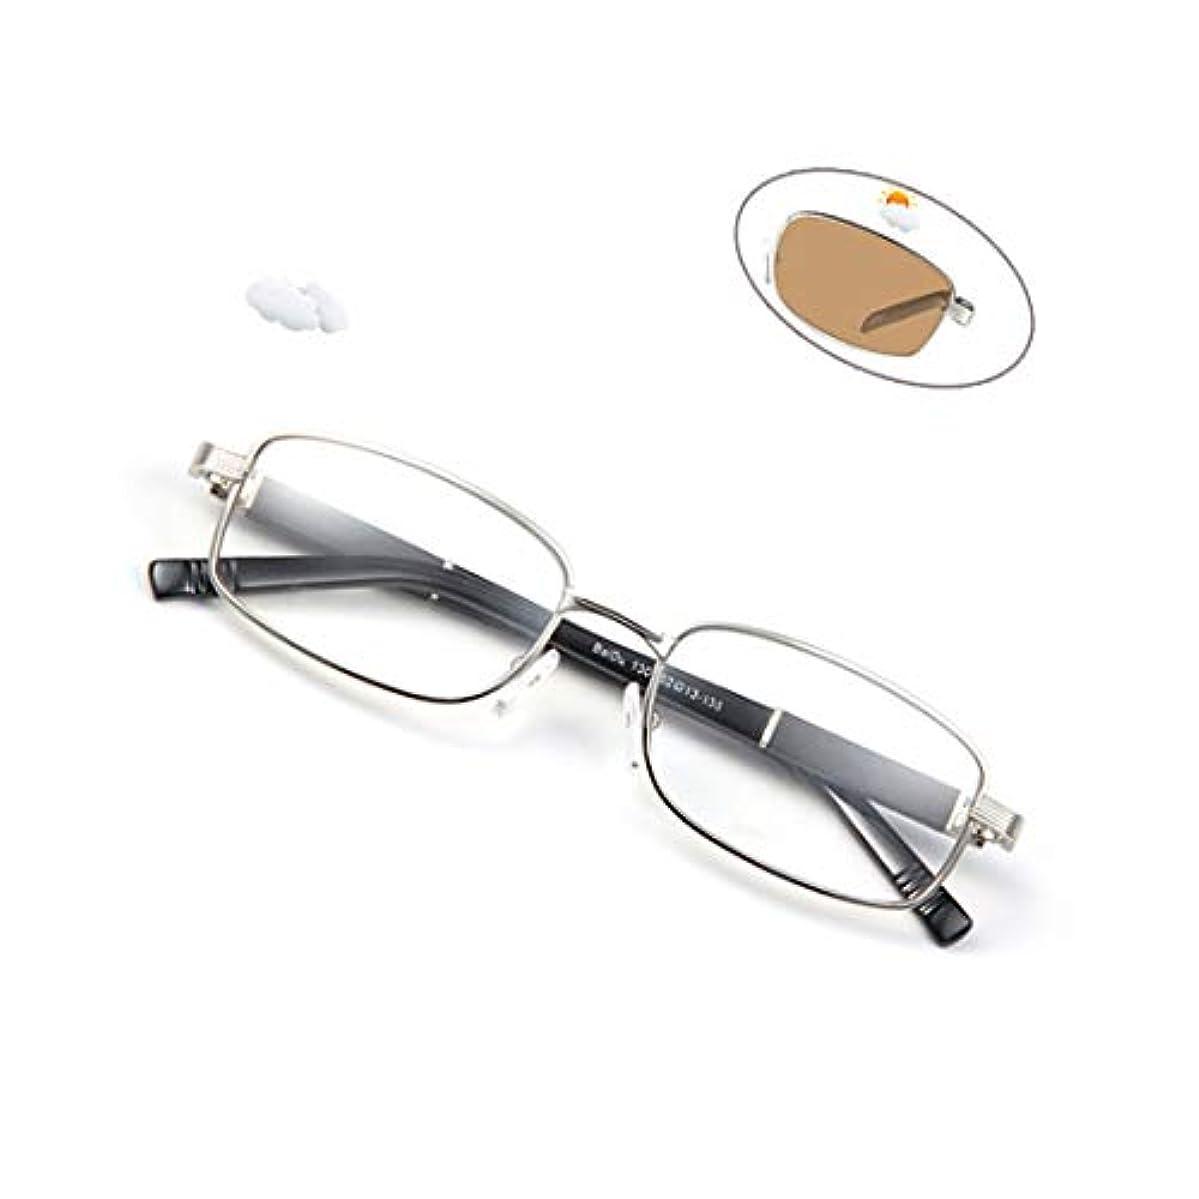 依存受信機単なるインテリジェント老眼鏡屋外色変化放射線防護、紫外線保護、耐久性のあるステンレス鋼ヒンジ